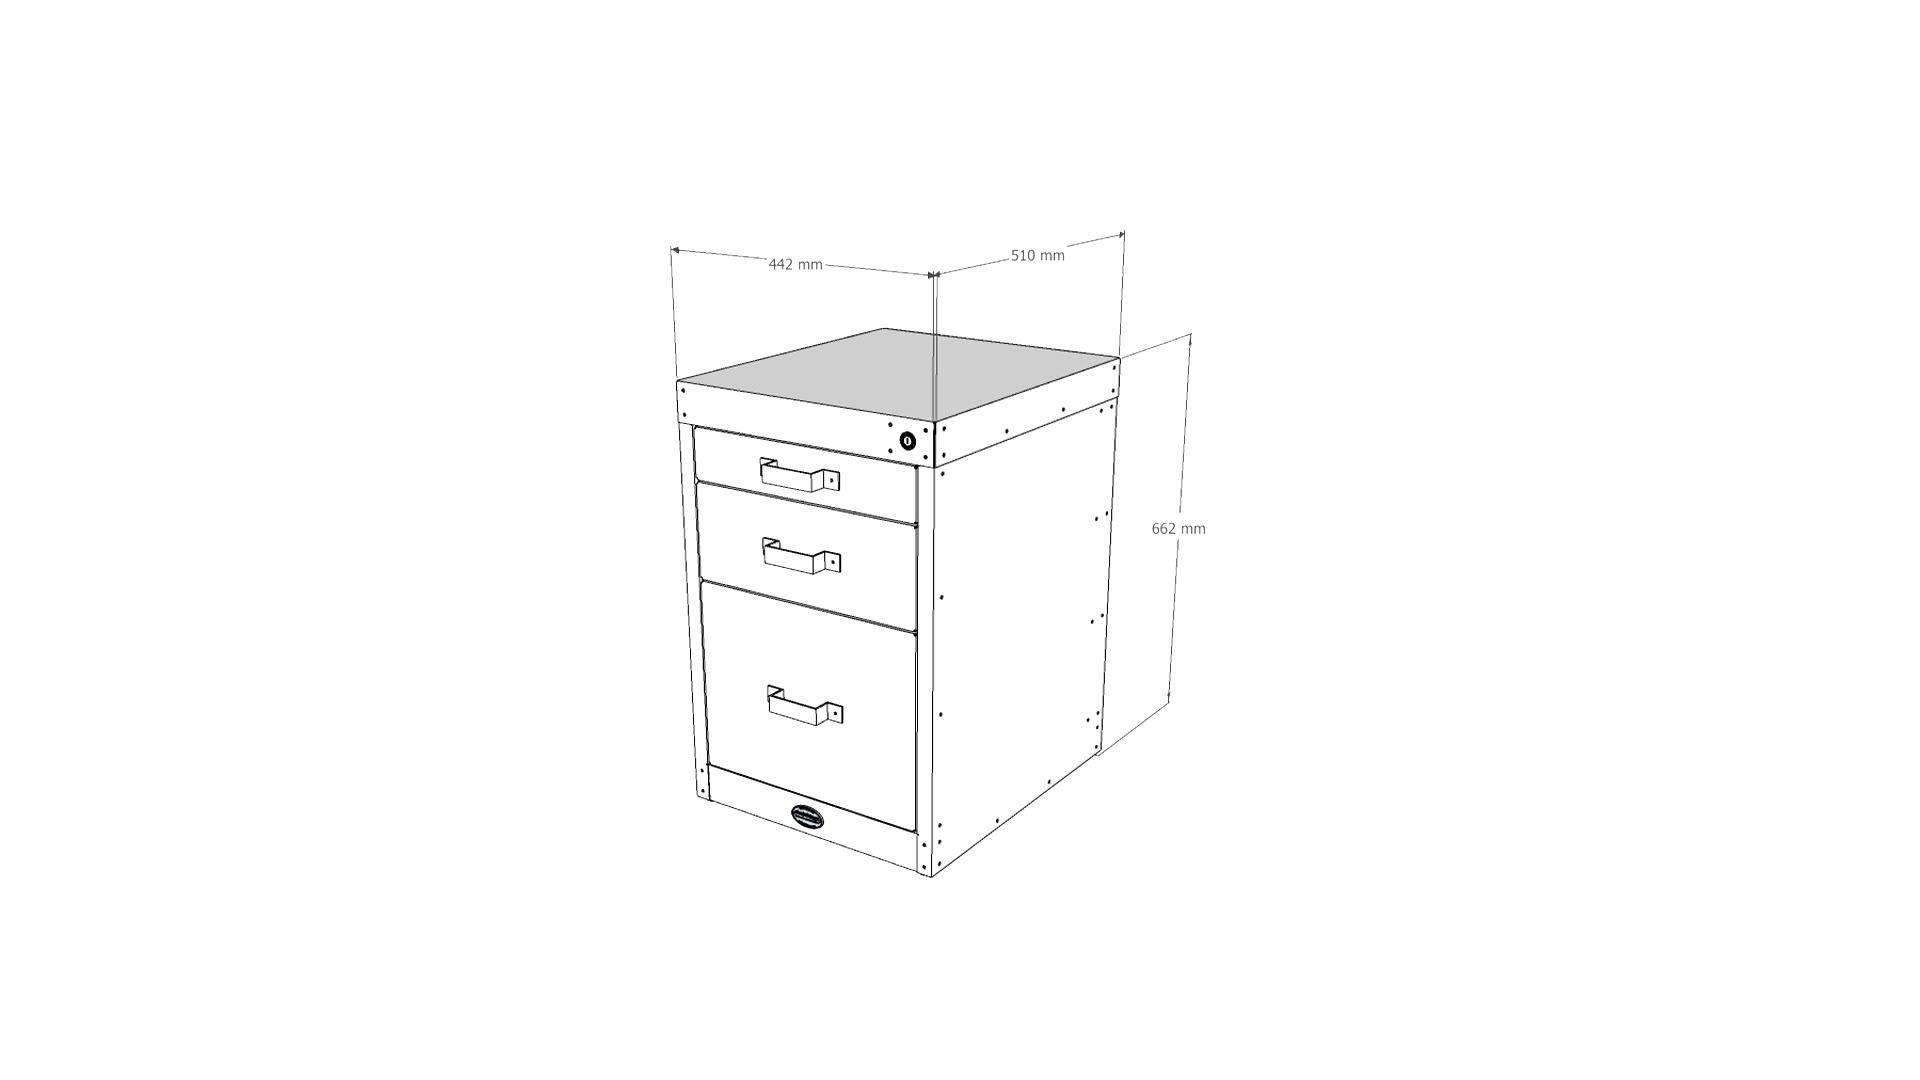 Steel Vintage workshop 3 drawer unit V2 technical drawing